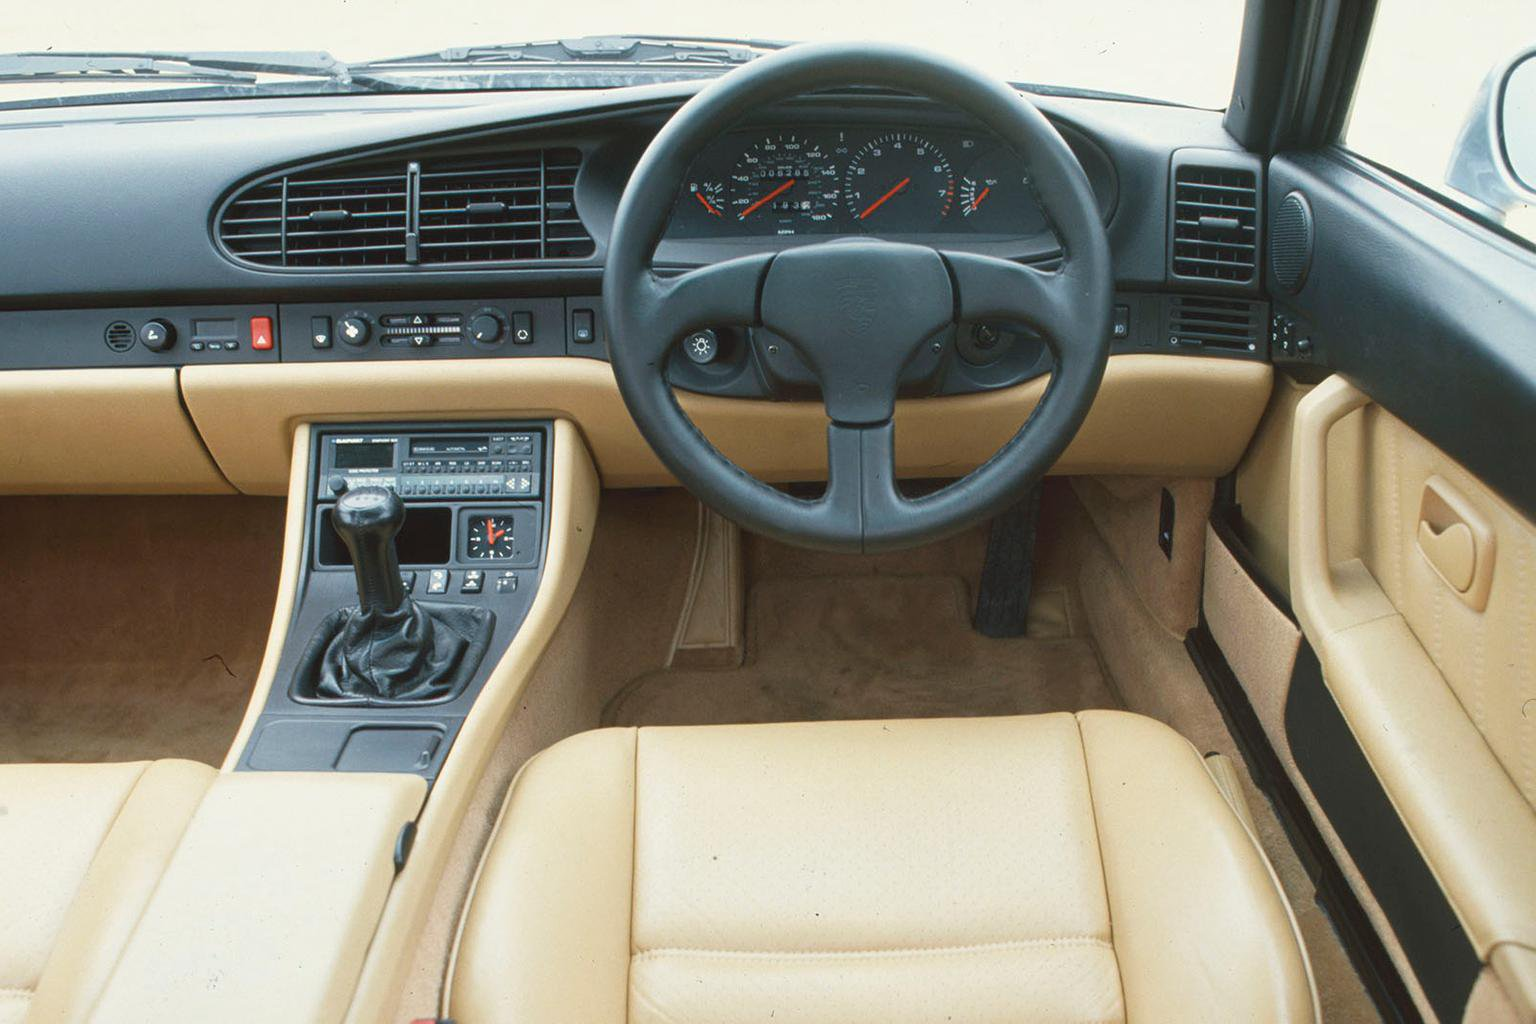 Porsche 968 dashboard